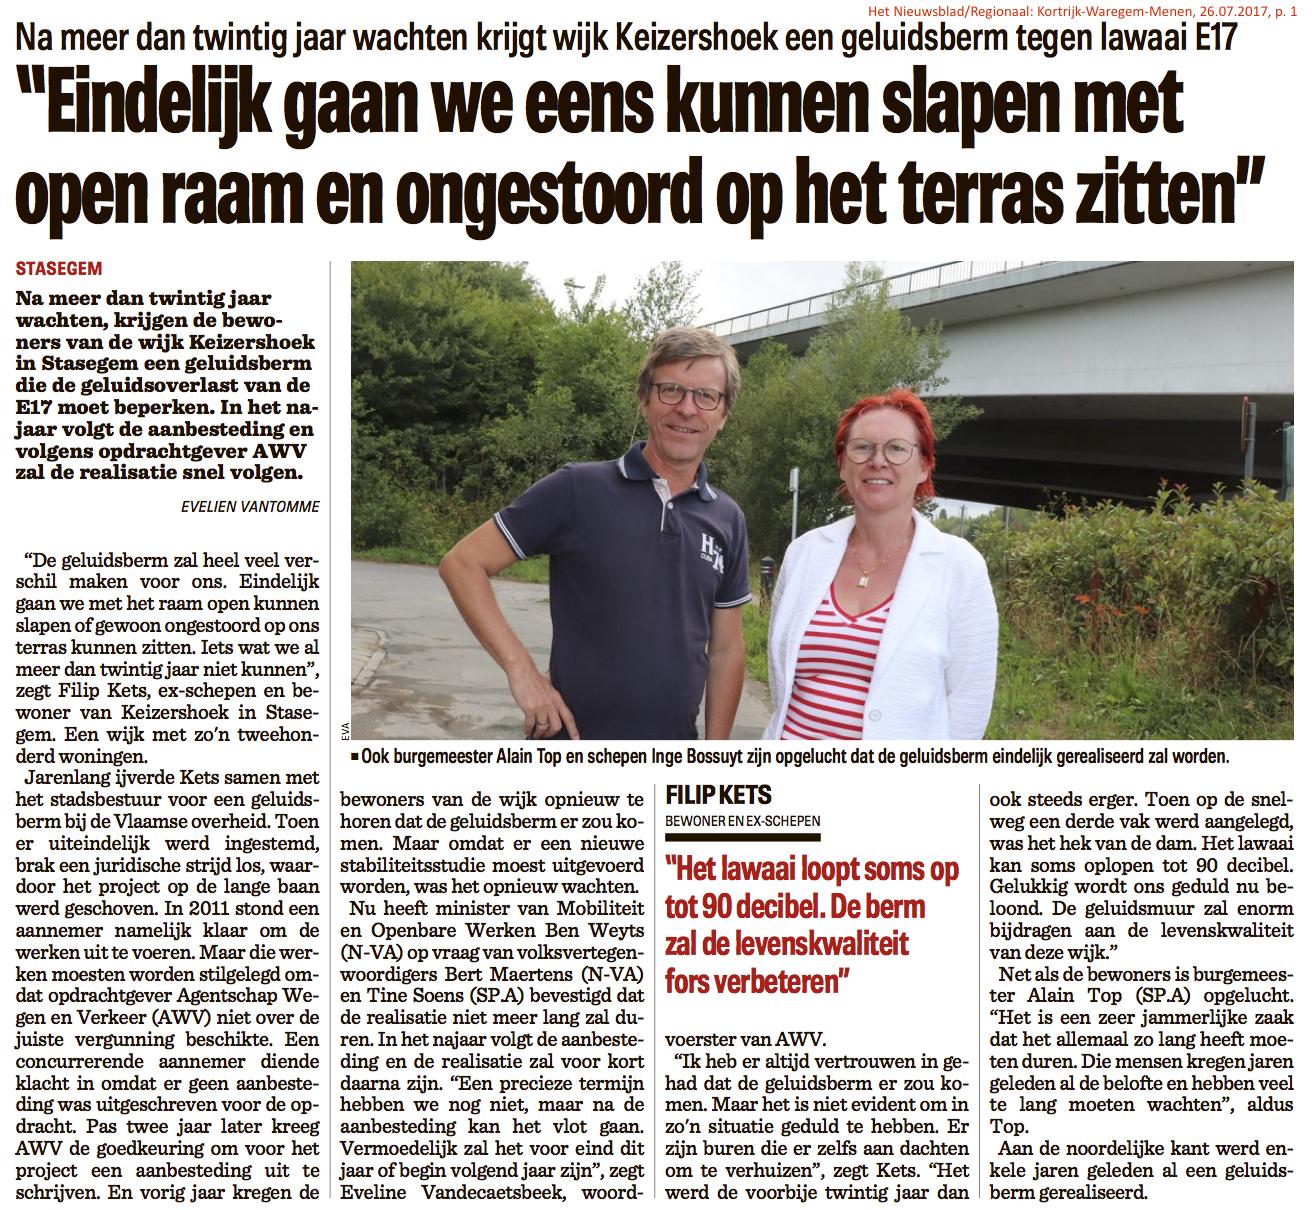 Het Nieuwsblad/Regionaal: Kortrijk-Waregem-Menen, 26.07.2017, p. 1